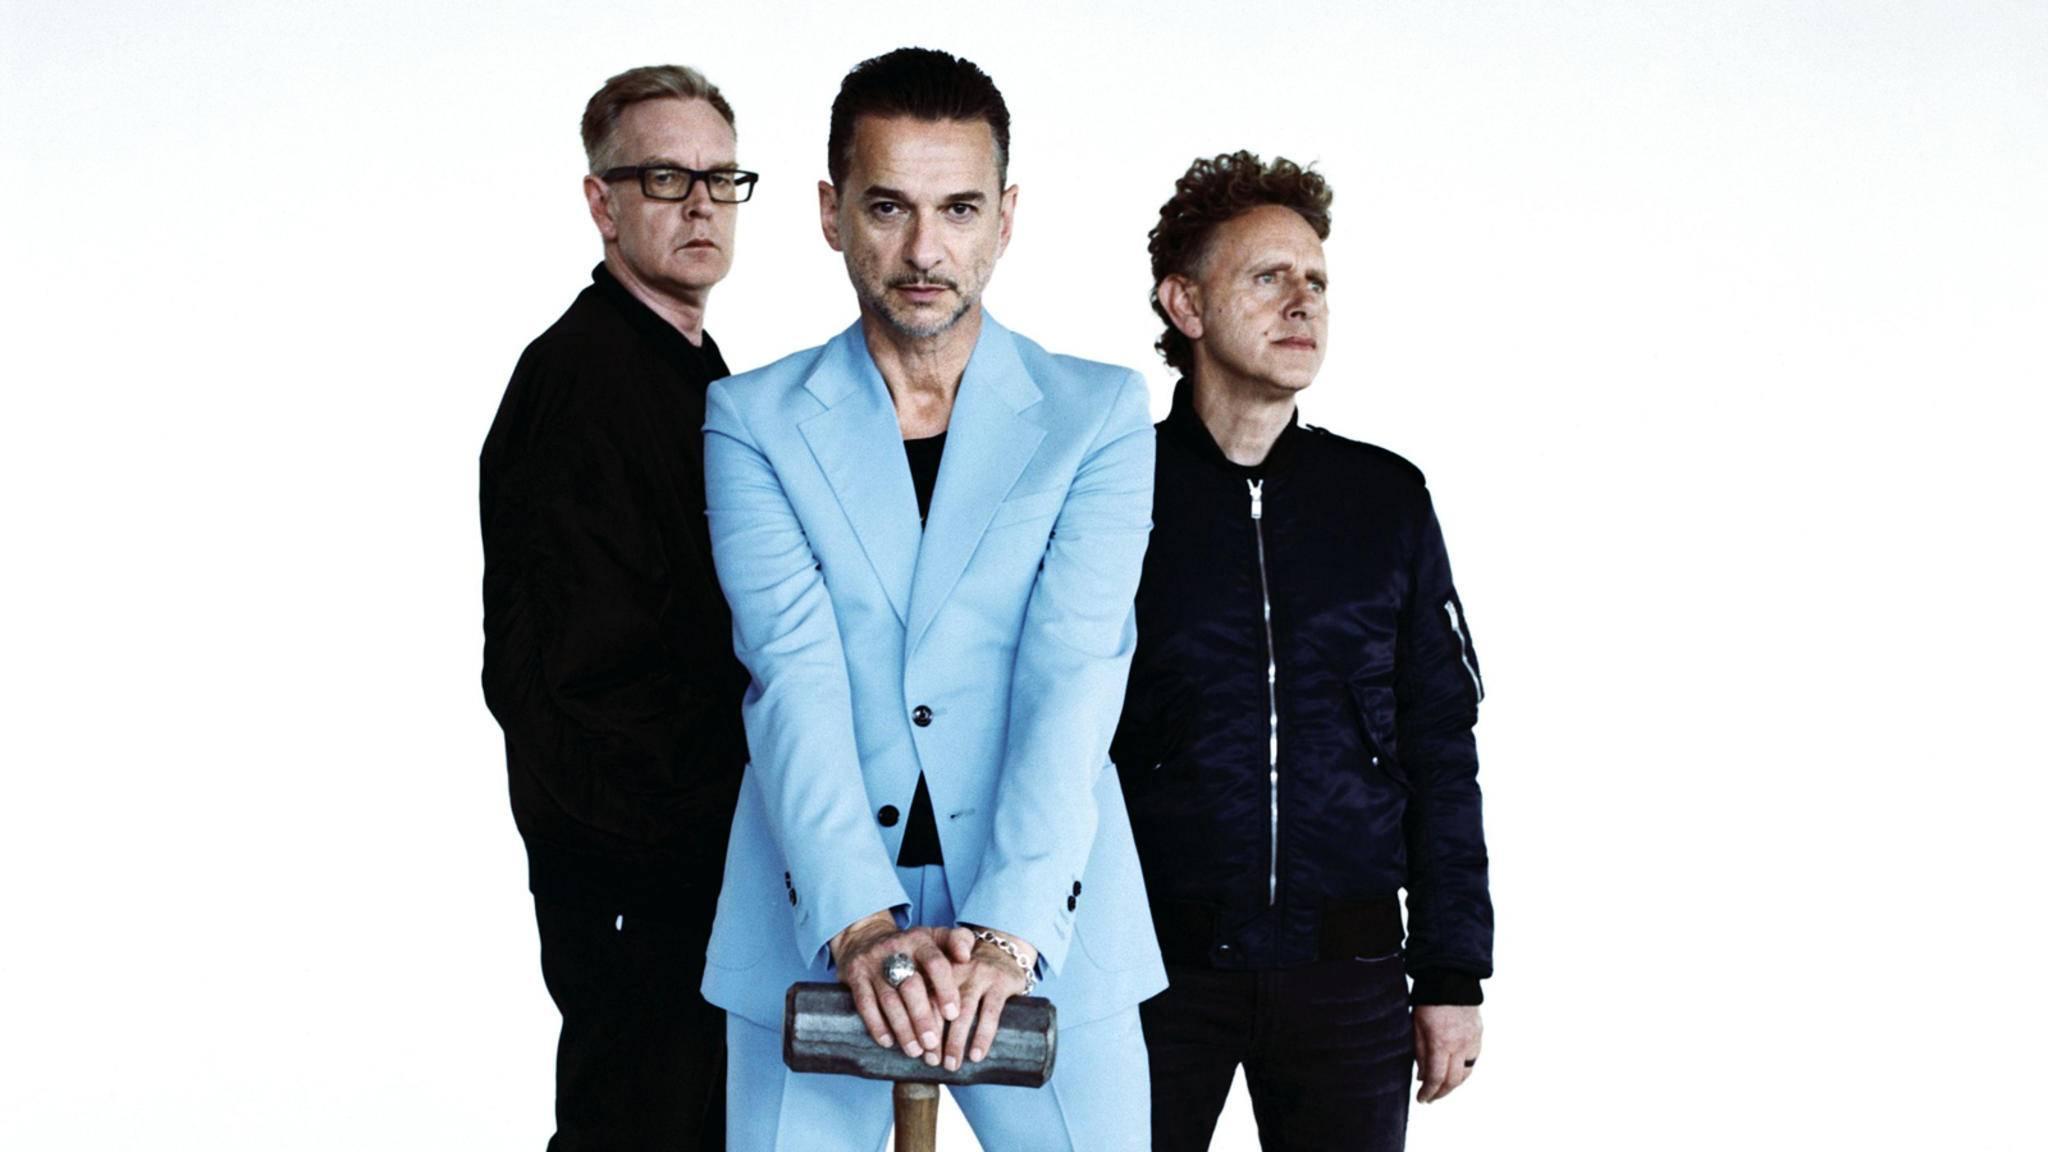 Seit mehr als 30 Jahren im Musik-Business: Depeche Mode